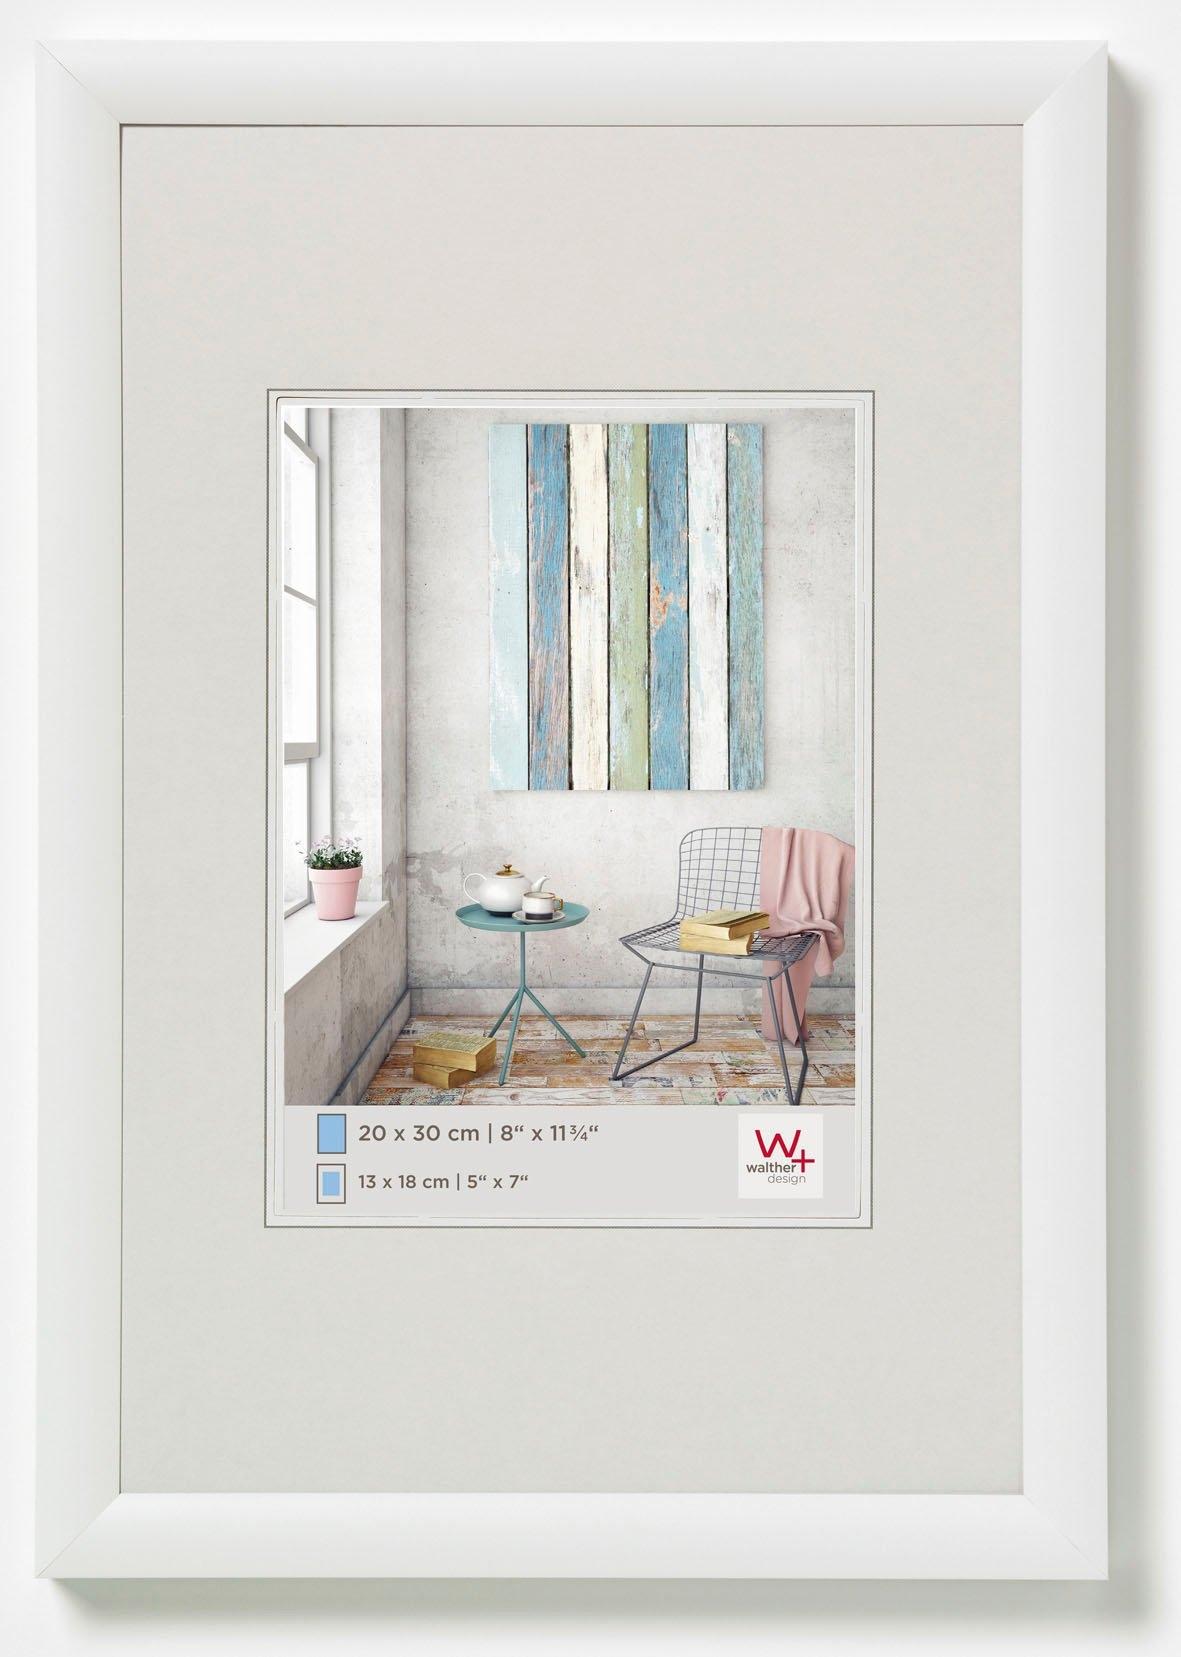 Walther fotolijstje Trendstijl kunststof kozijn (1 stuk) bij OTTO online kopen